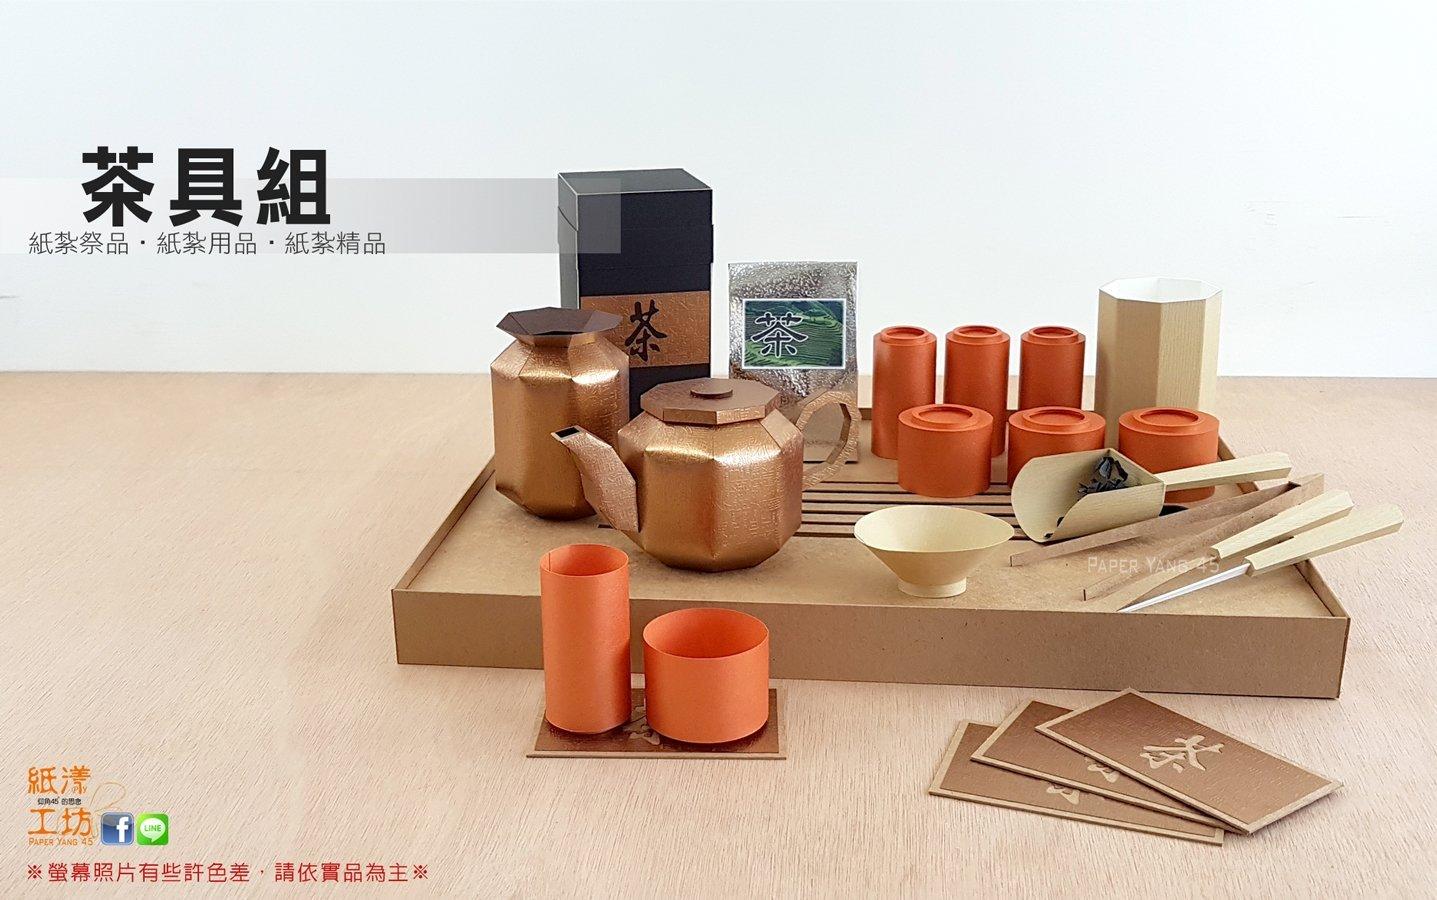 紙紮-紙漾工坊【泡茶組】茶具組 往生用品 紙紮精品